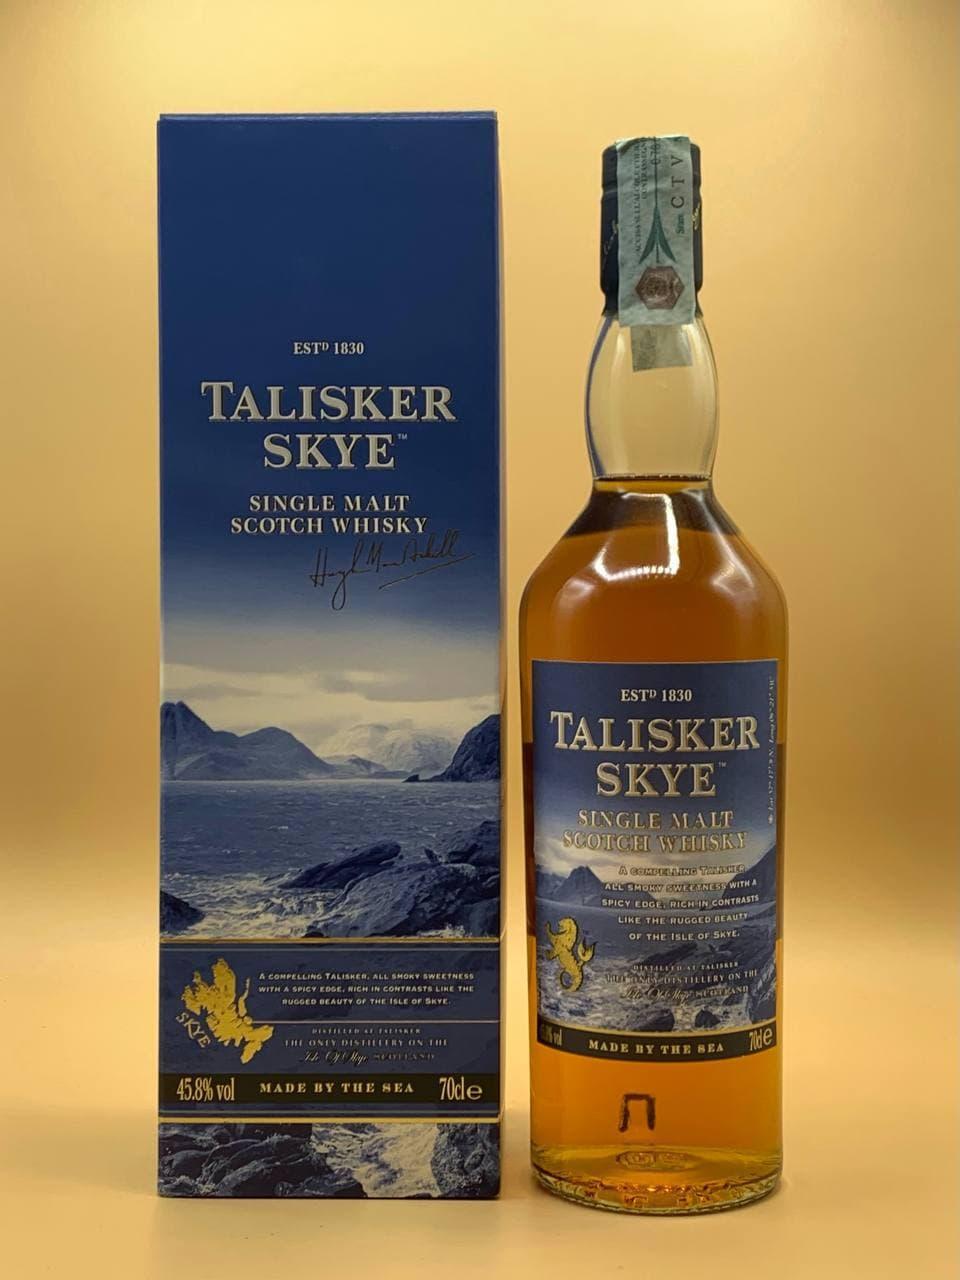 Виски Talisker Skye 0.7L Талискер Скай 0.7л